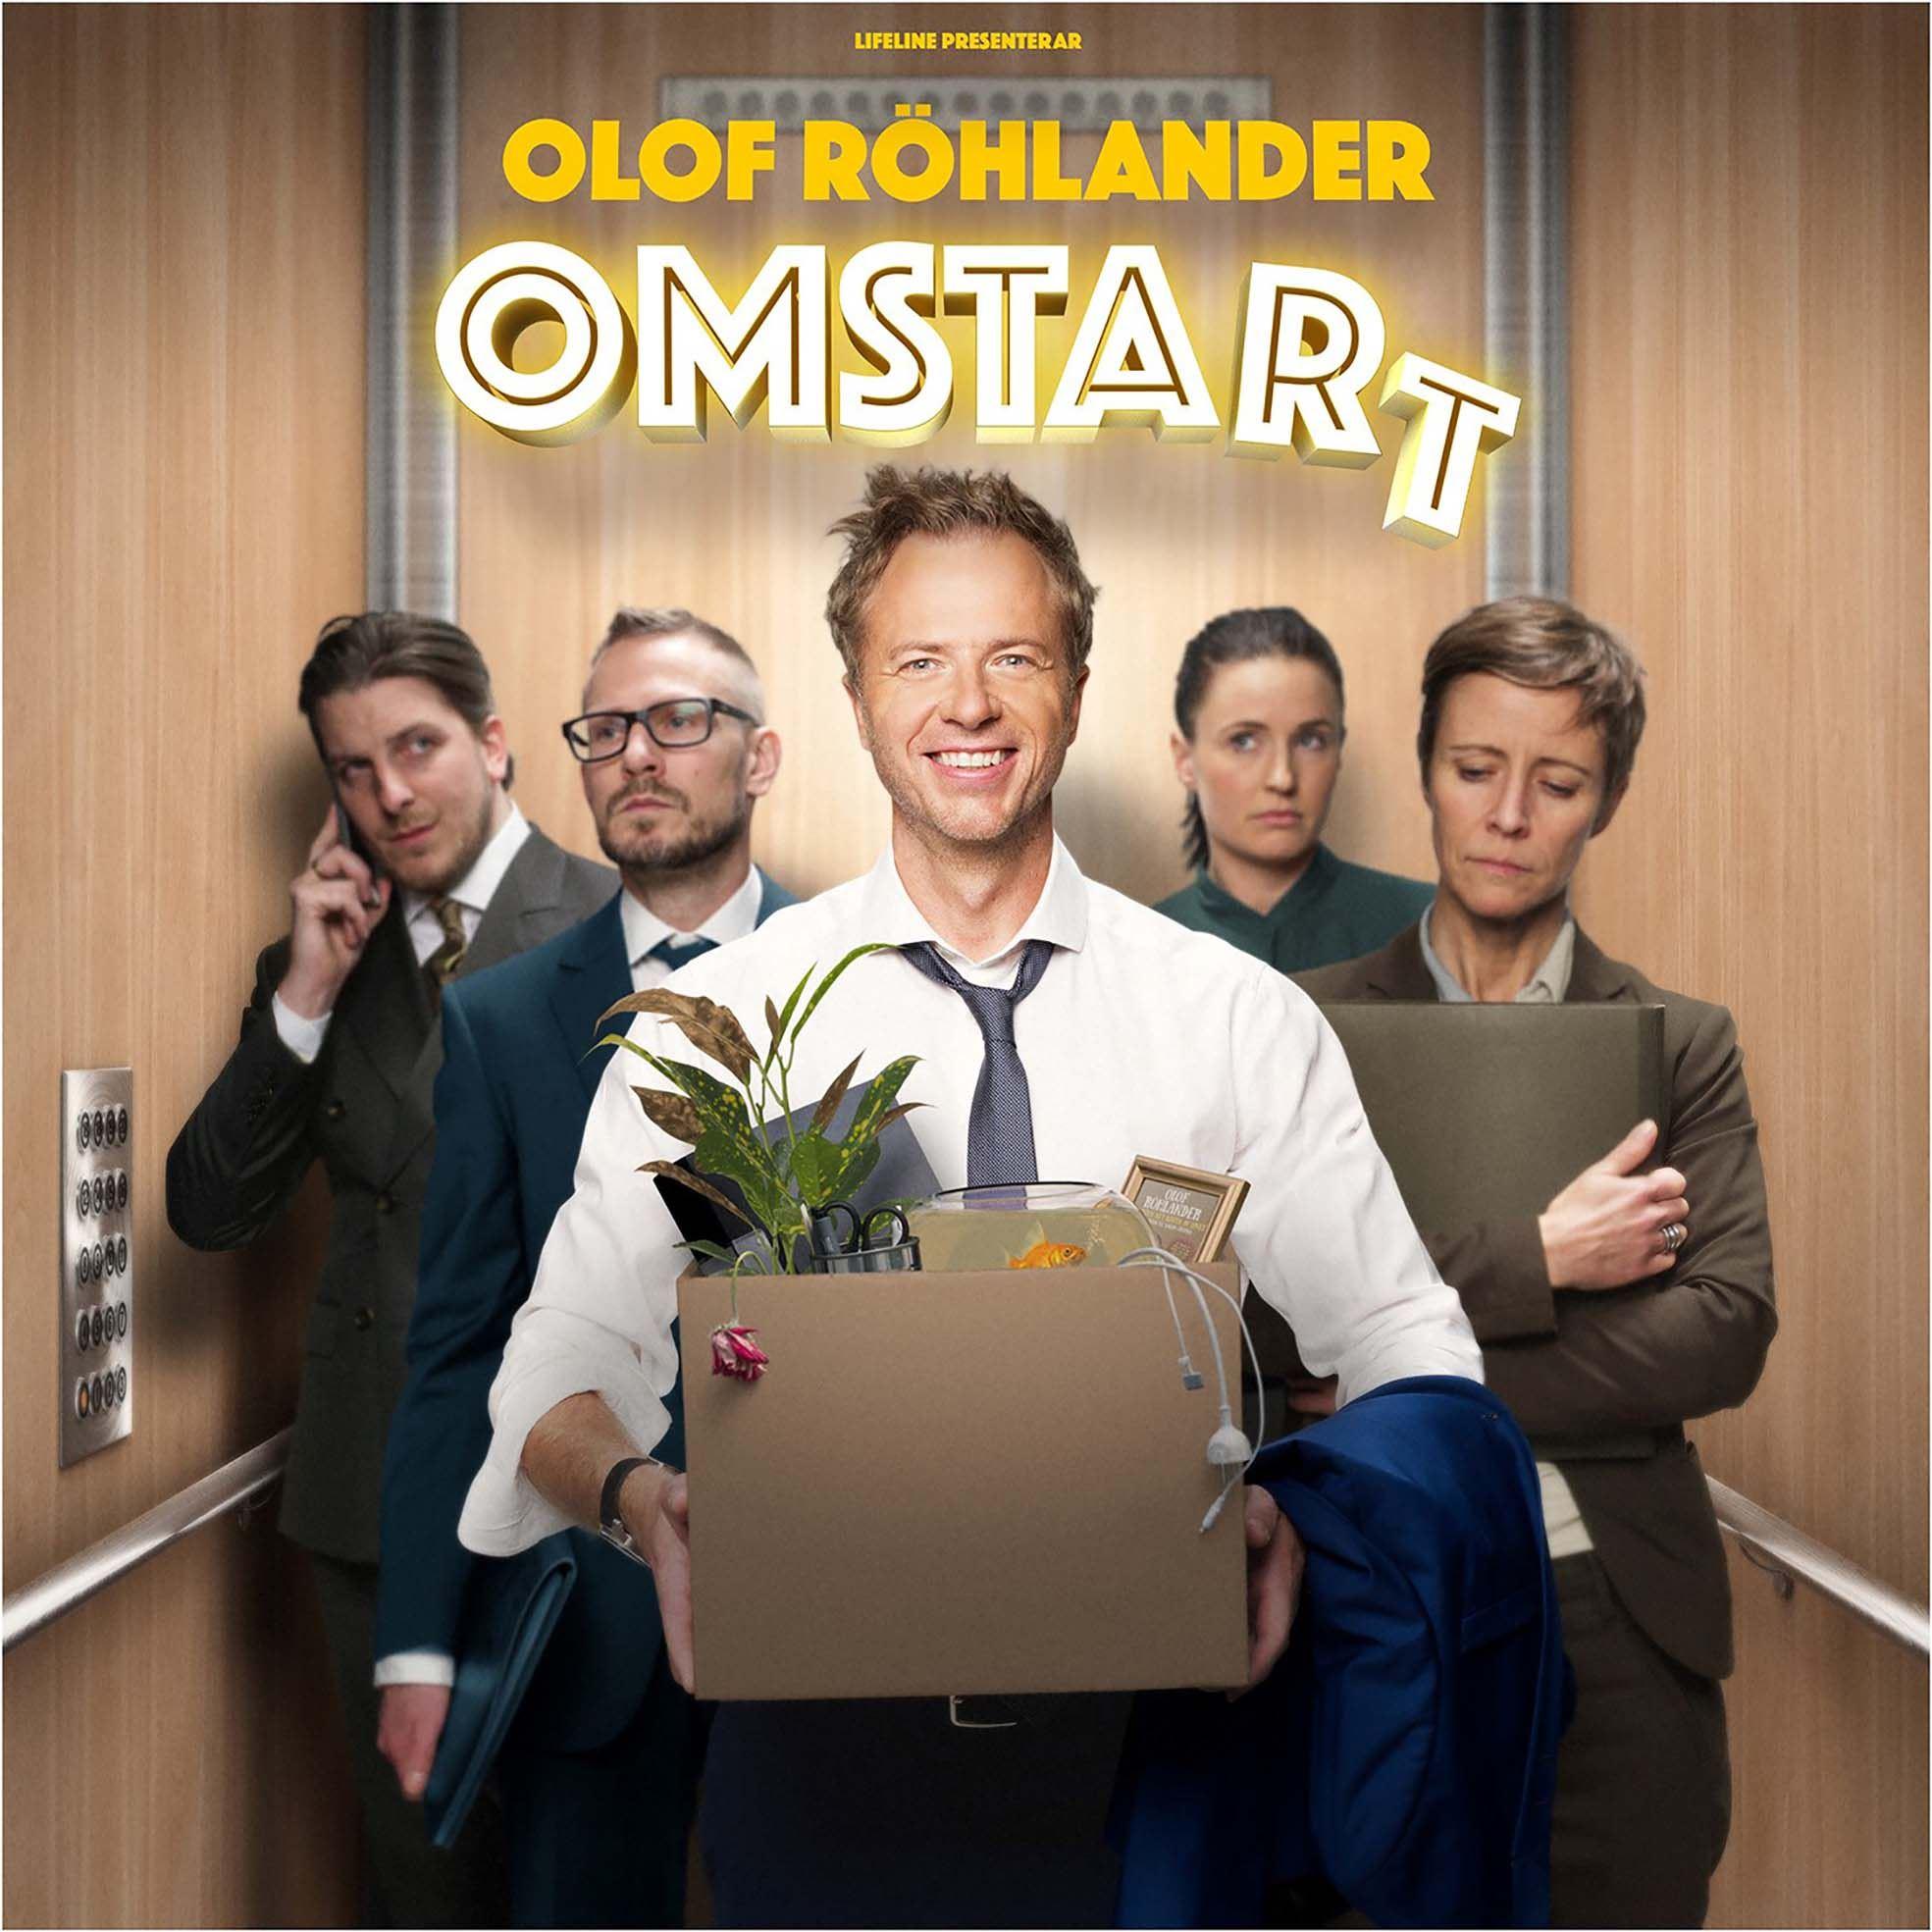 Omstart - Olof Röhlander